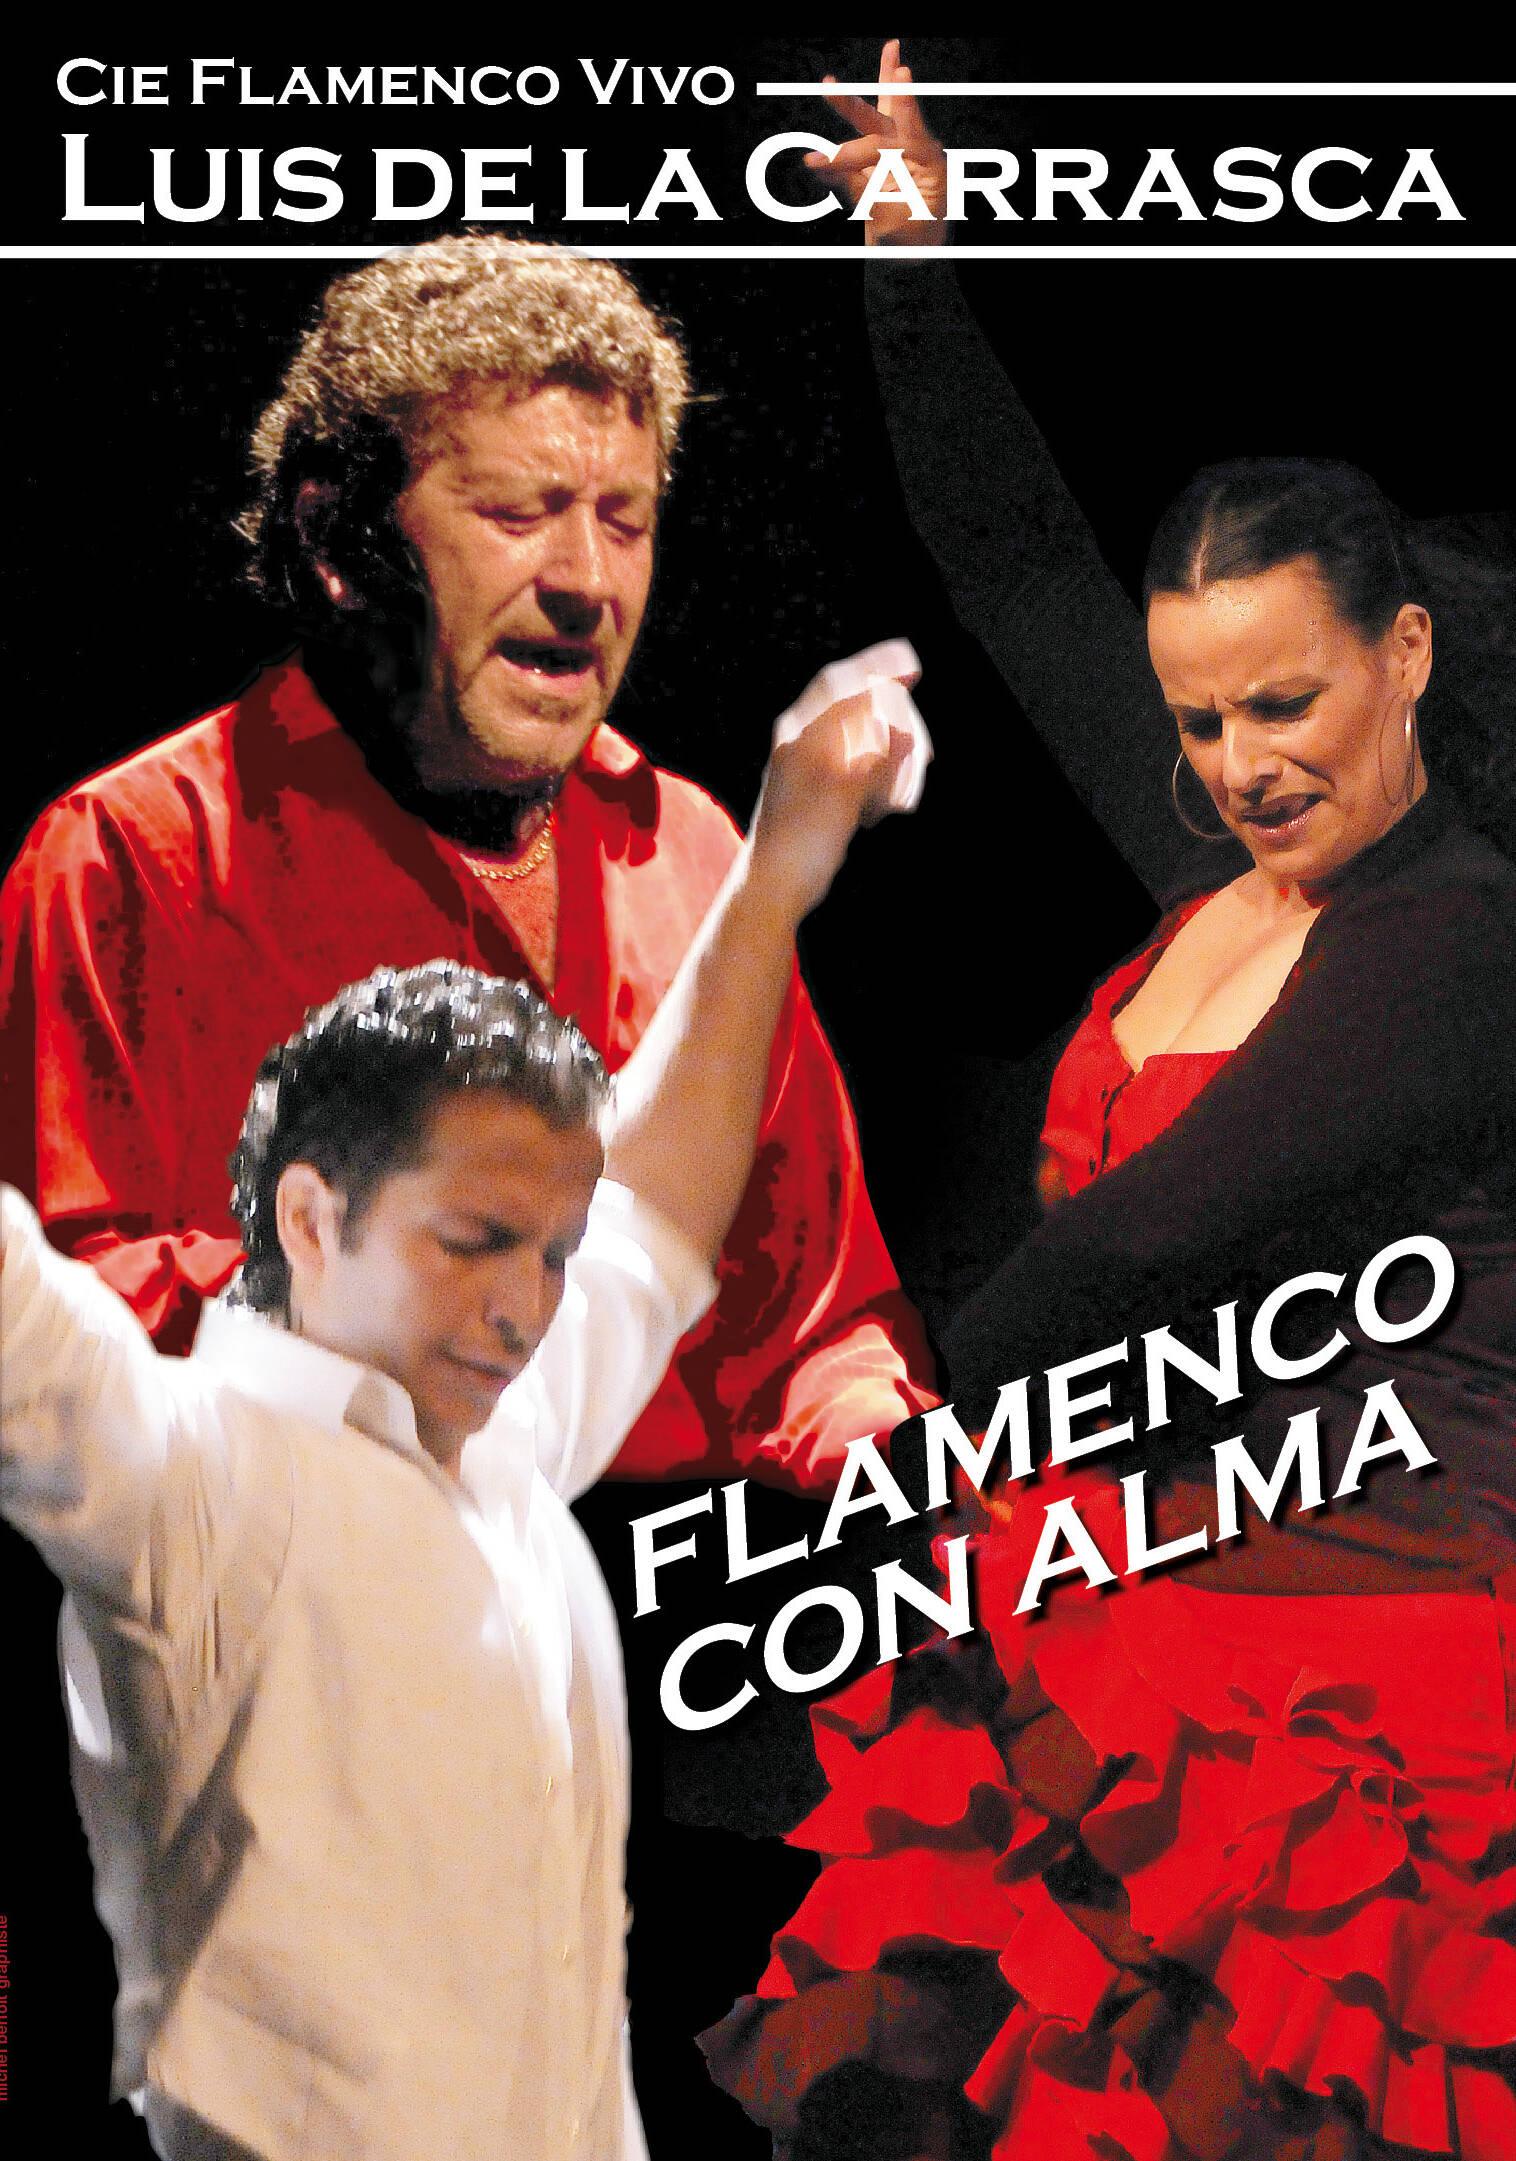 Luis de la Carrasca - Flamenco con Alma